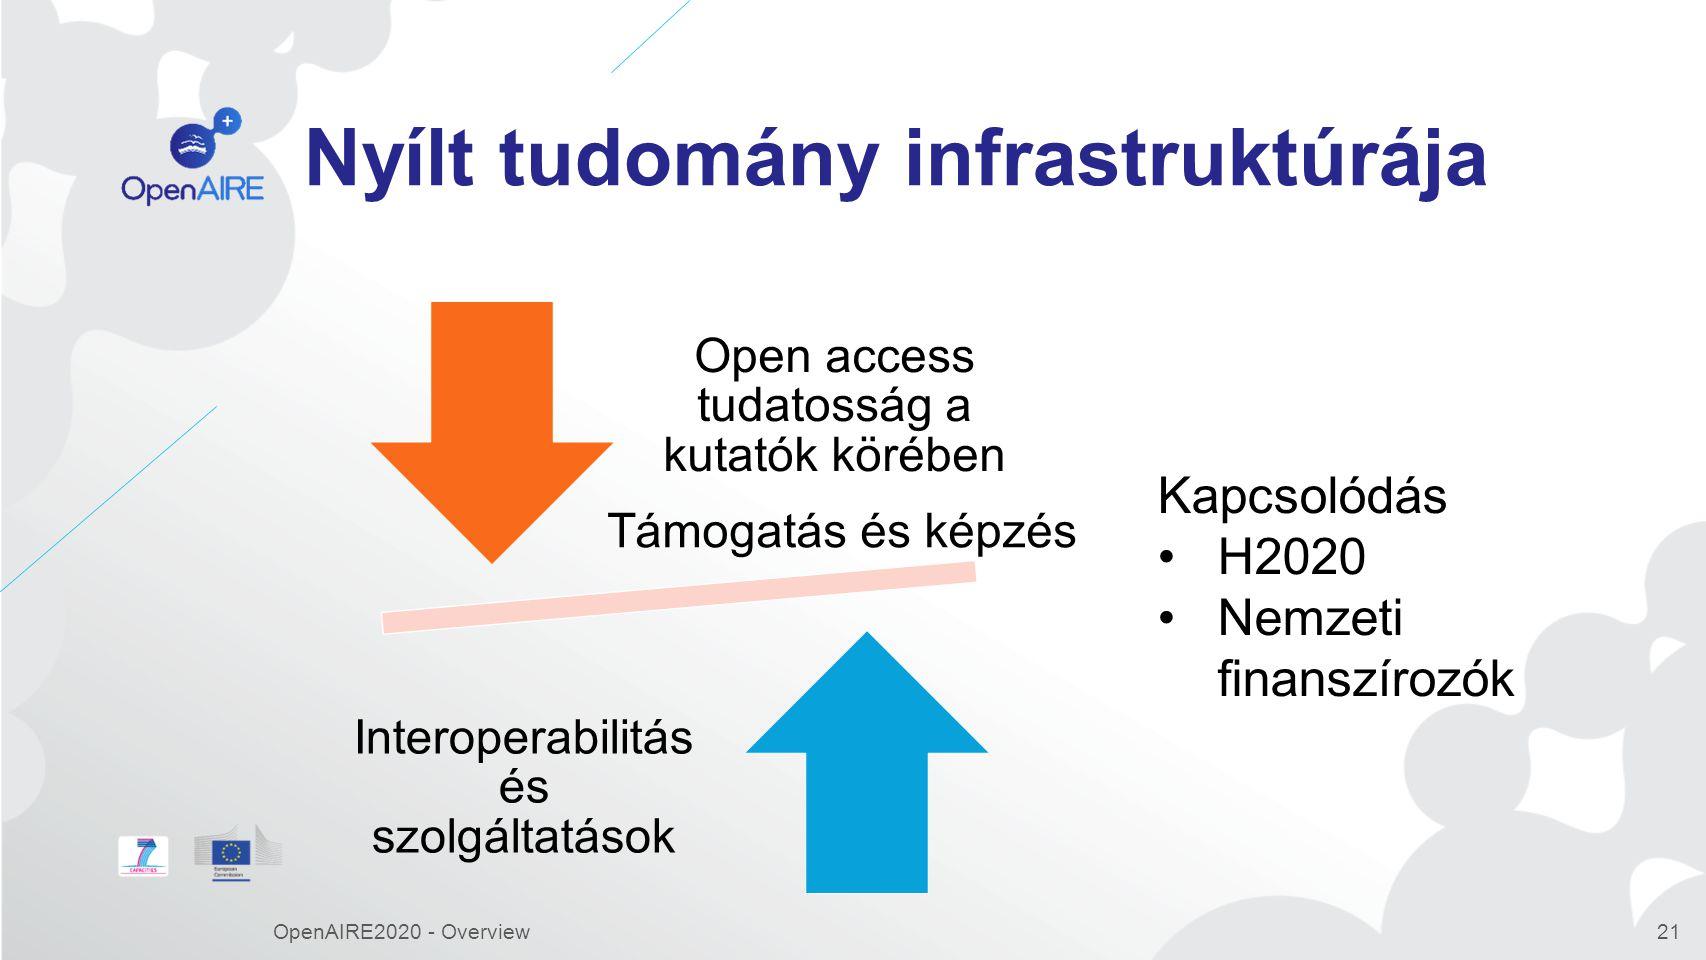 Nyílt tudomány infrastruktúrája